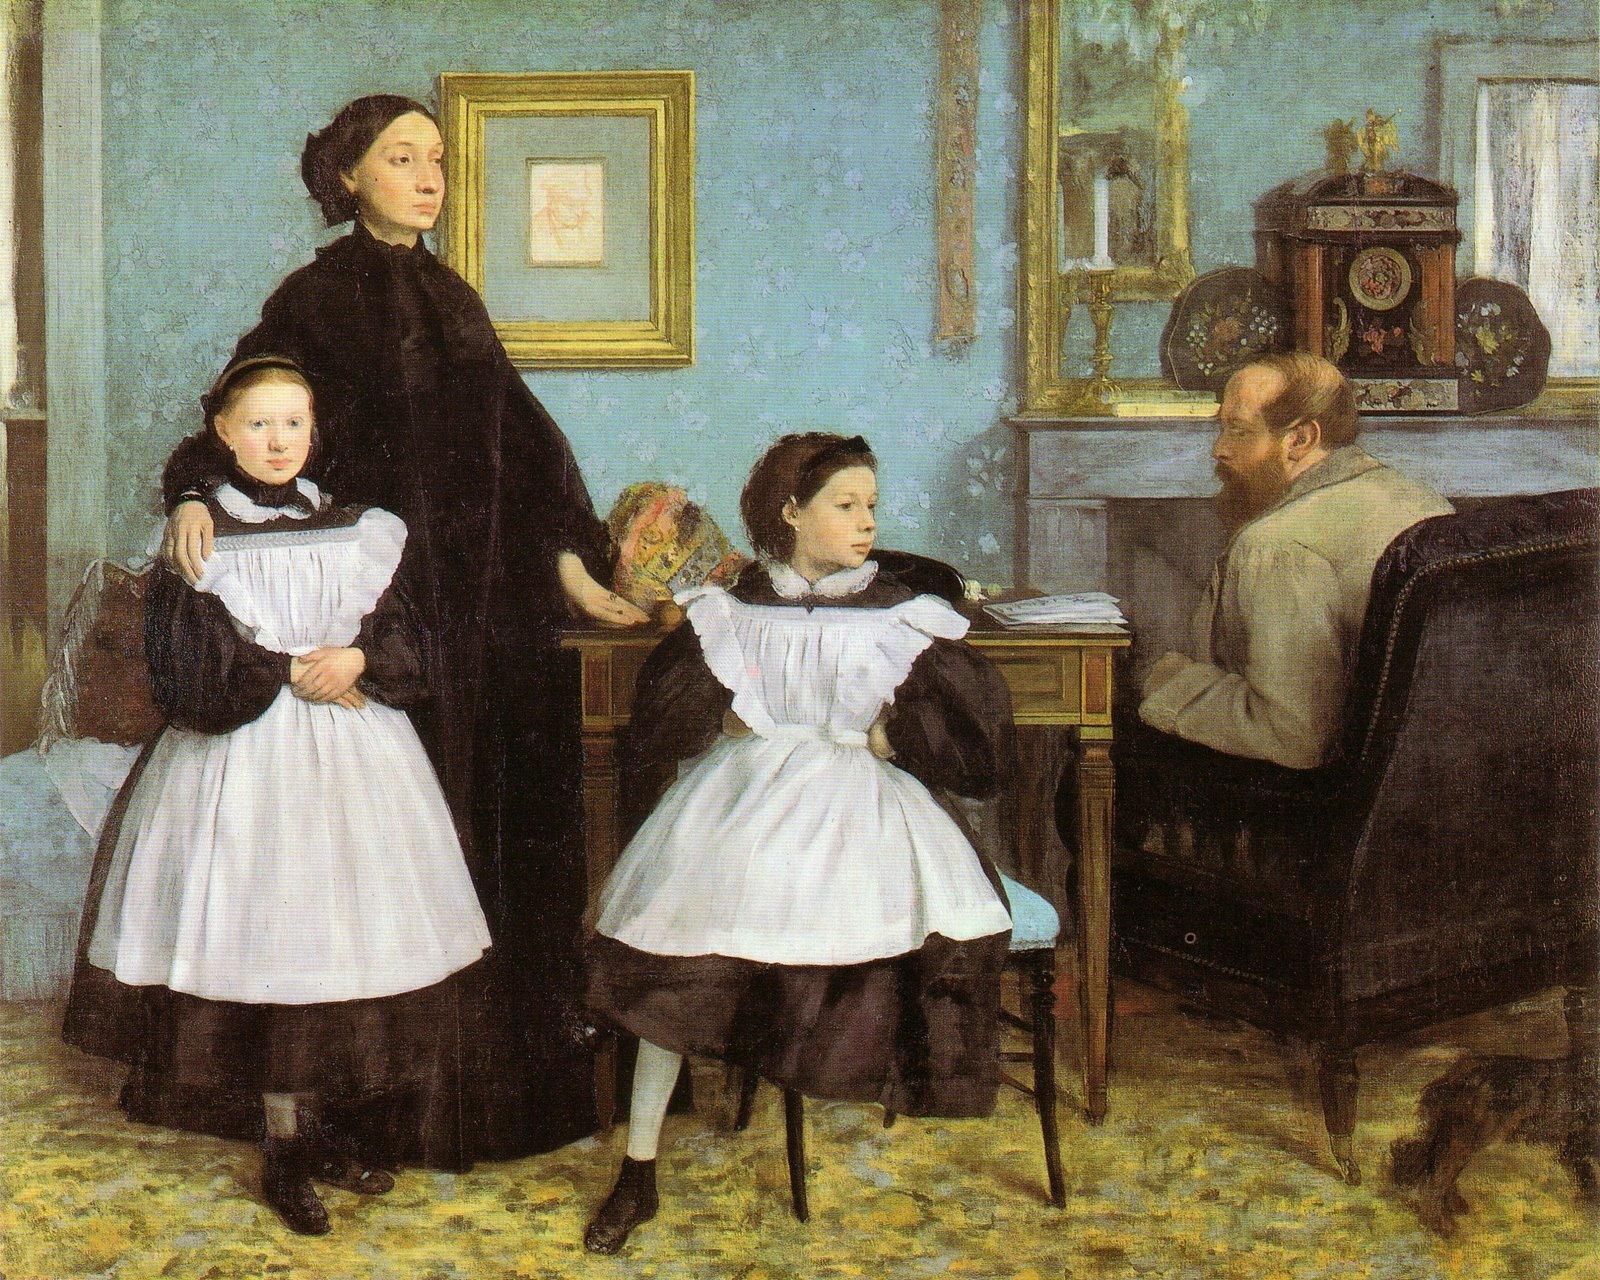 Rodzina Bellellich Źródło: Edgar Degas, Rodzina Bellellich, 1857–1867, olej na płótnie, domena publiczna.